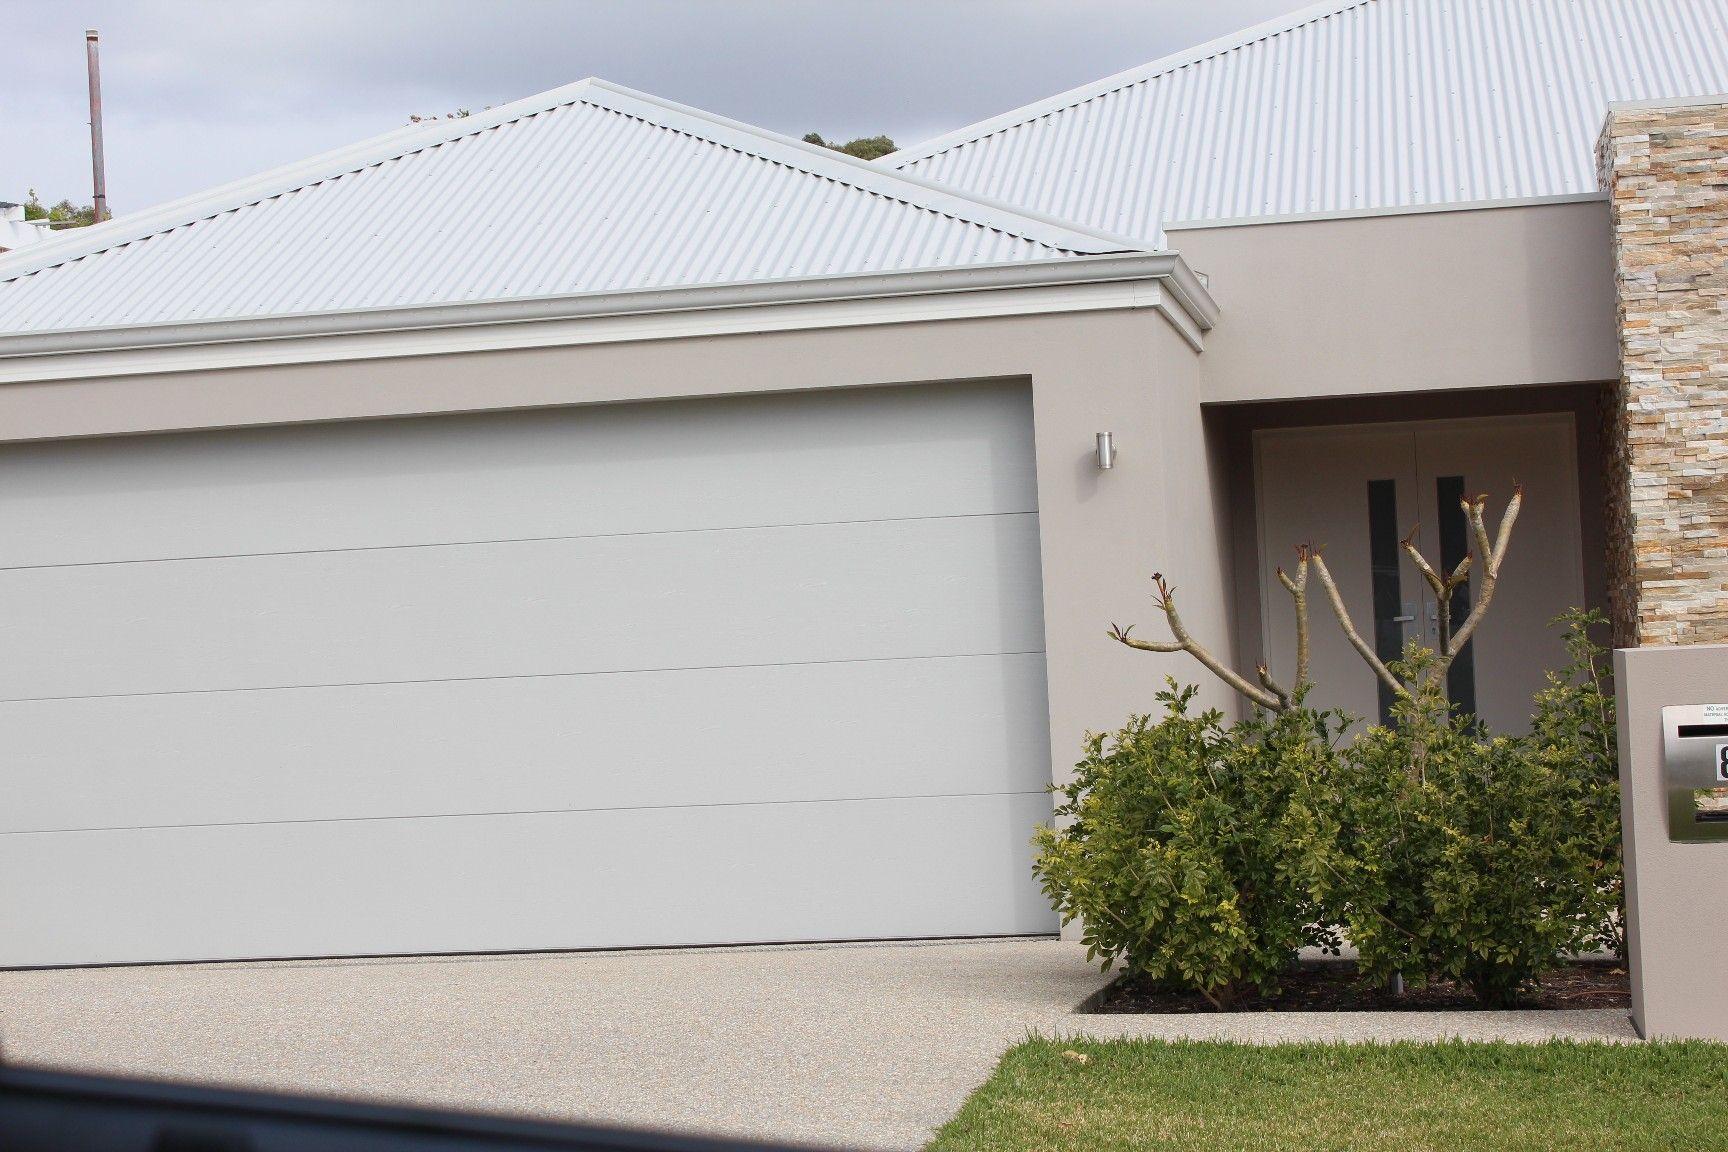 Shale Grey Roof Gutters And Garage Door Surfmist Fascia